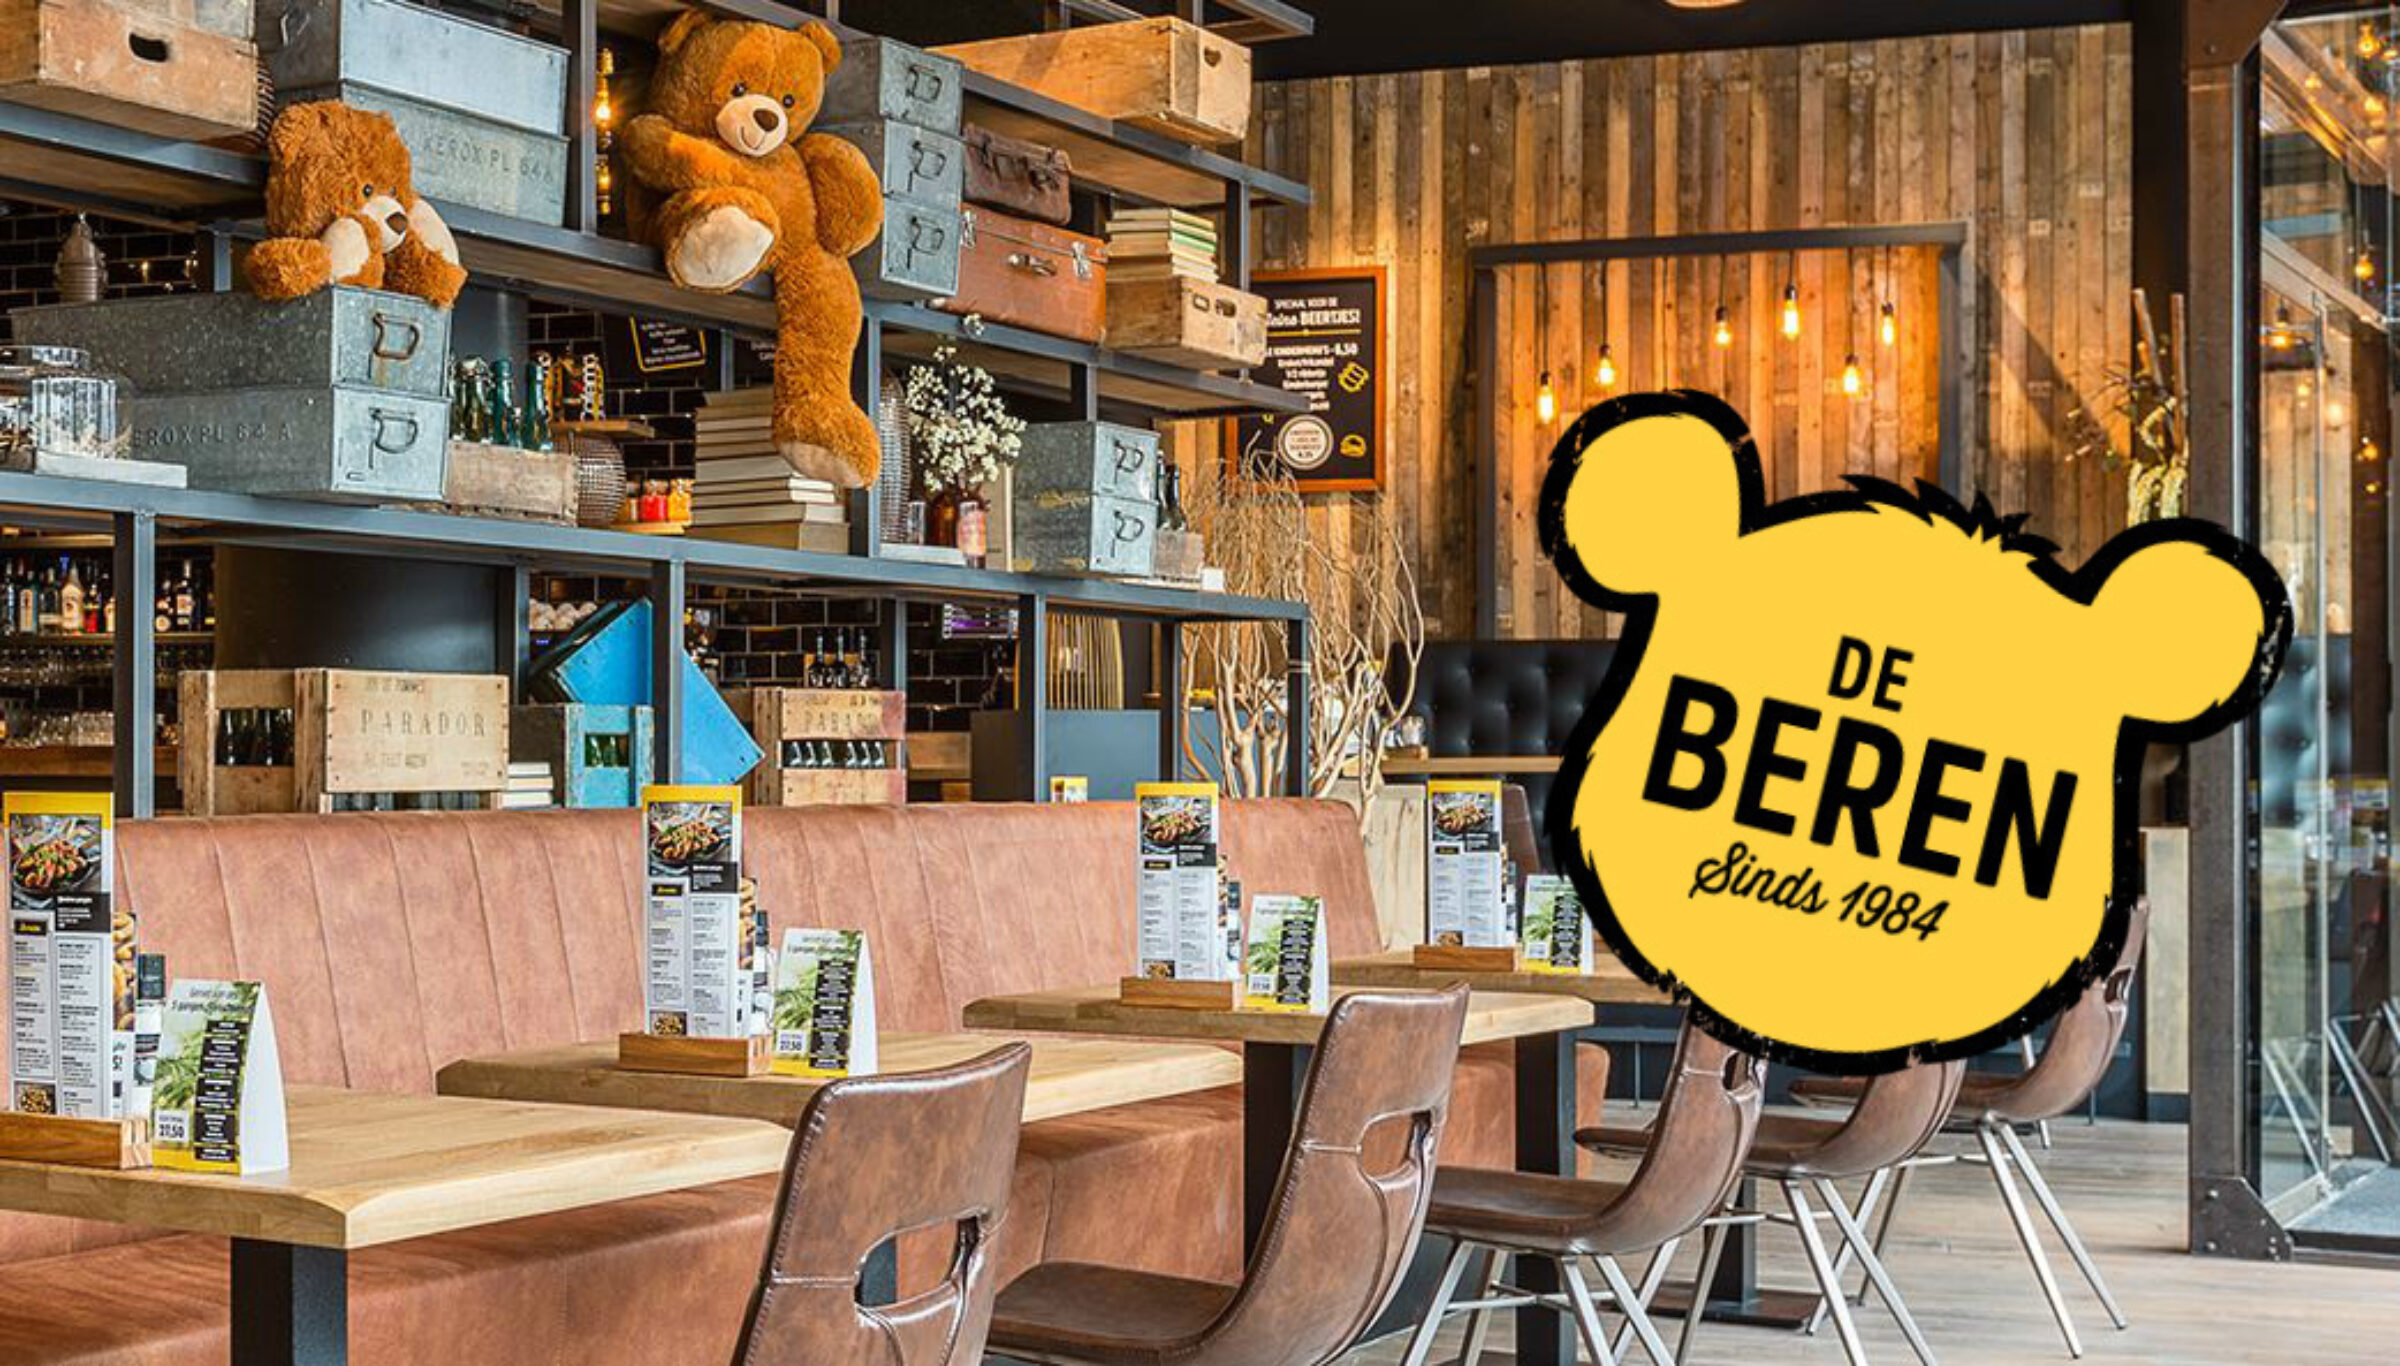 De Beren Enschede